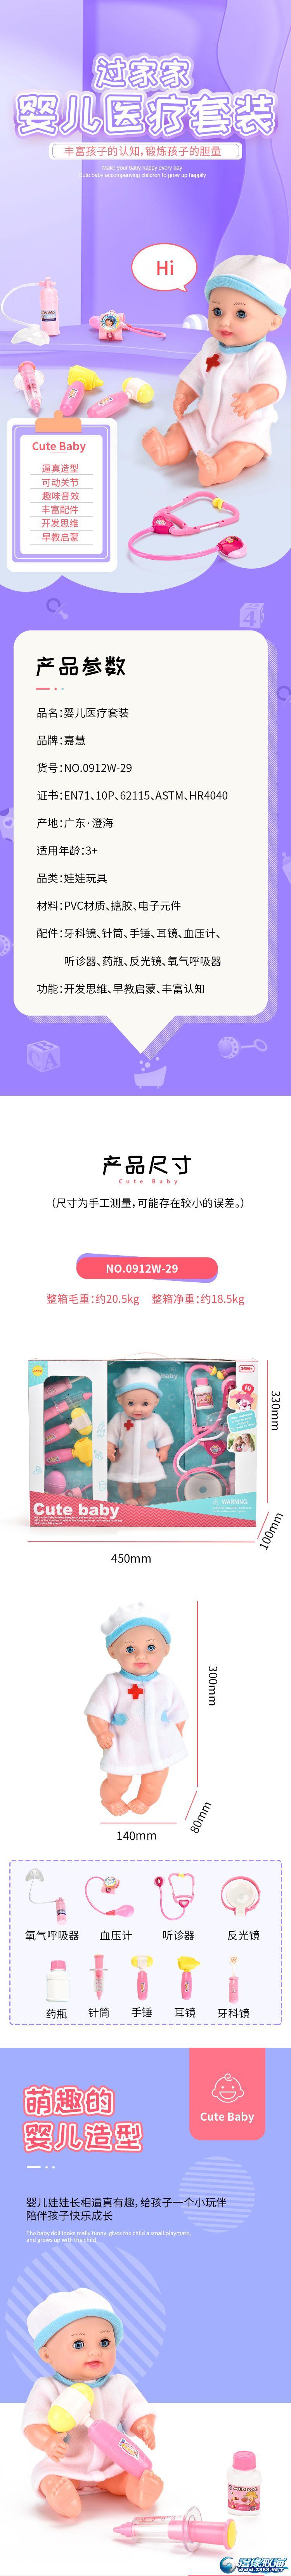 盛达玩具厂-(-0912W-29)-婴儿医疗套装-中文详情页_01.jpg